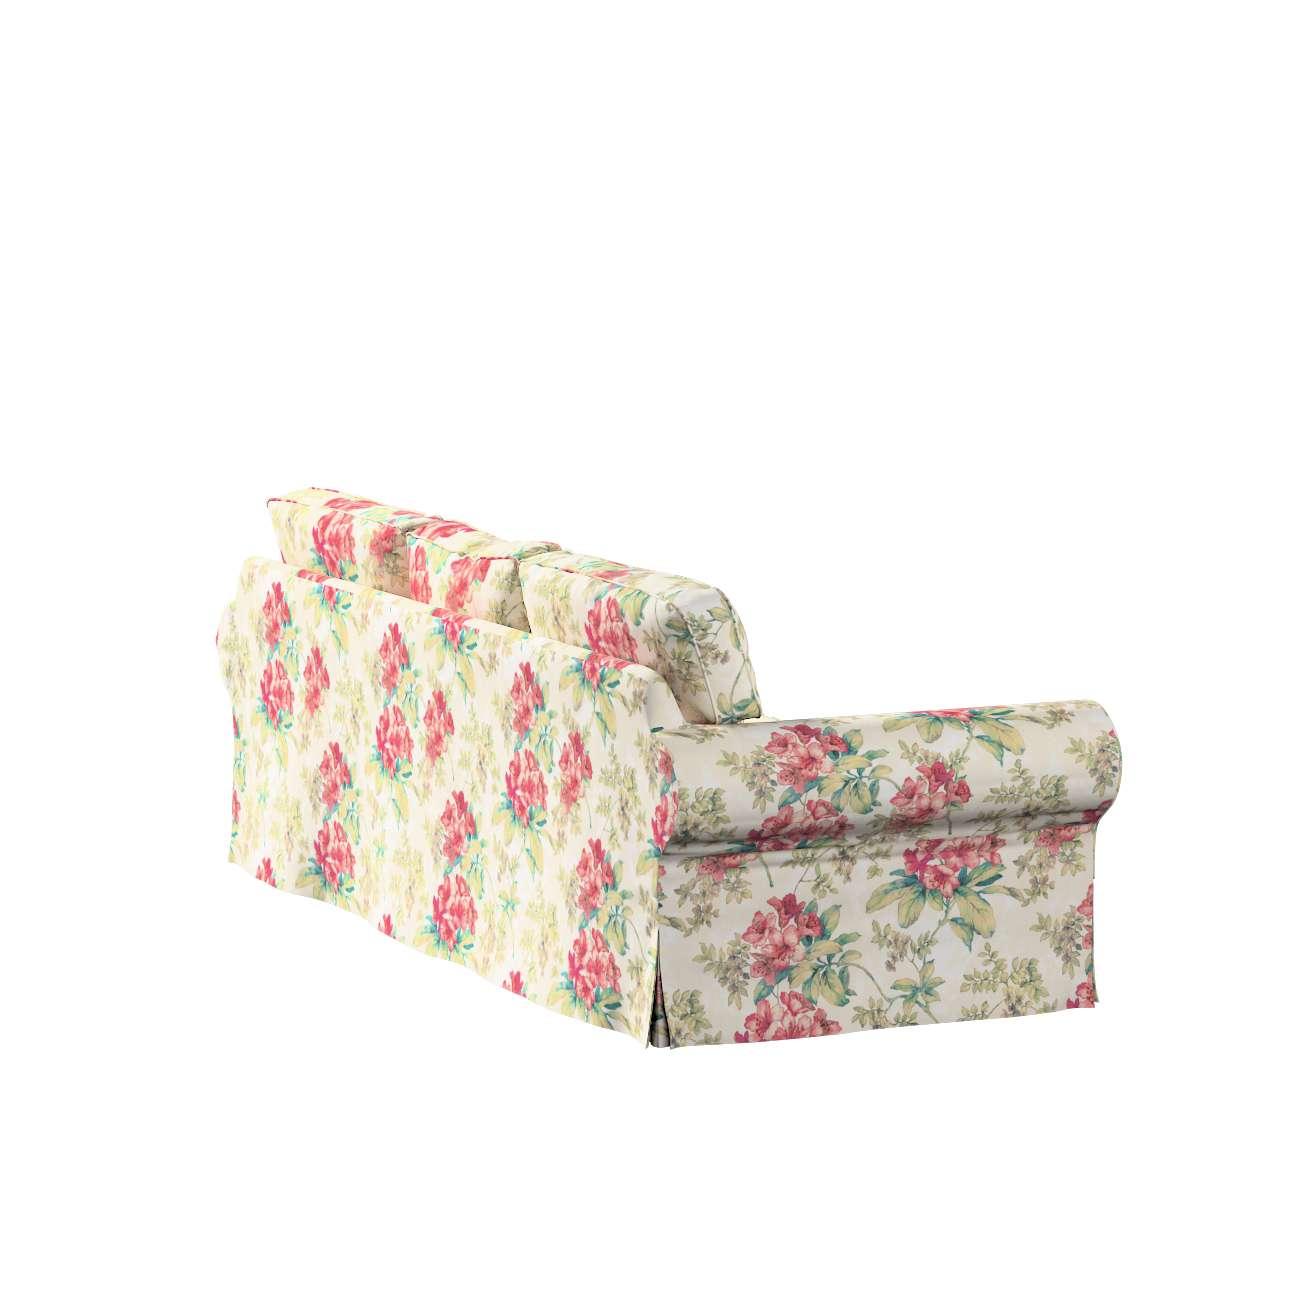 Pokrowiec na sofę Ektorp 3-osobową, rozkładaną w kolekcji Londres, tkanina: 143-40